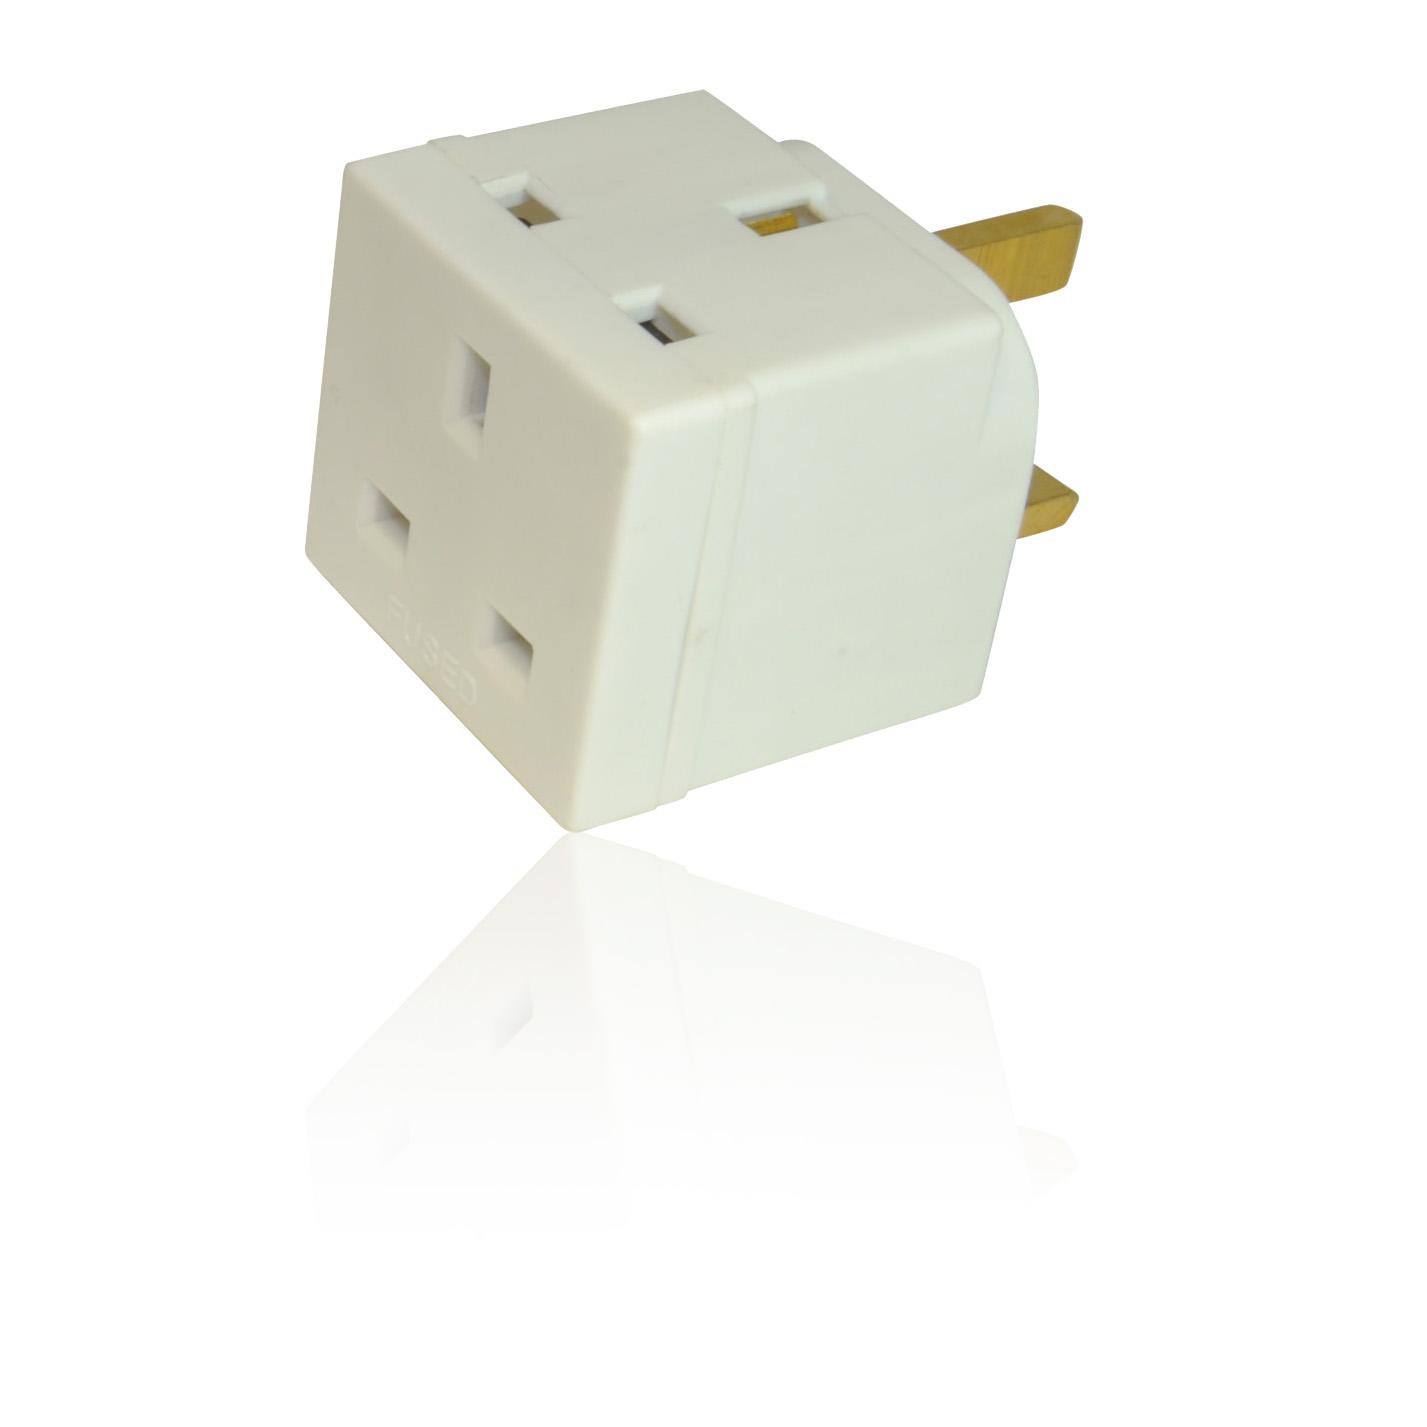 2 way double uk mains 3 pin 250v adapter plug socket. Black Bedroom Furniture Sets. Home Design Ideas